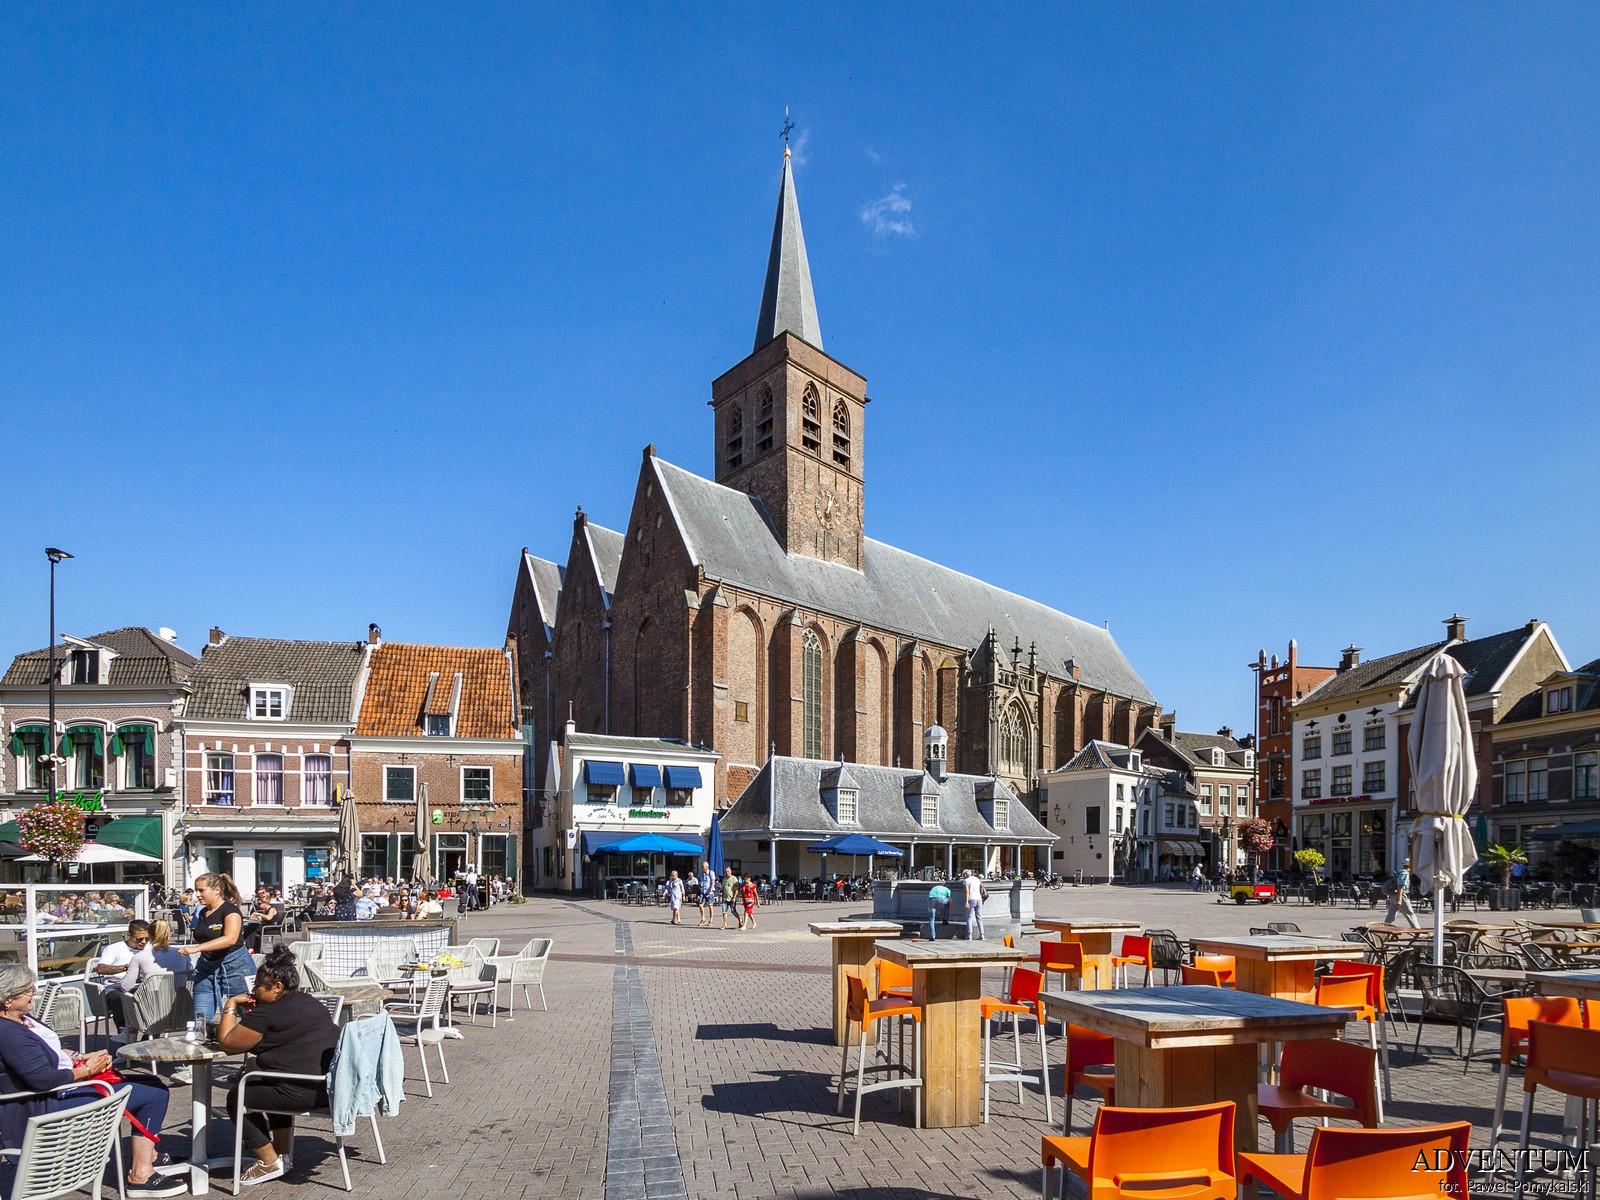 Holandia Amersfoort Atrakcje Zwiedzanie co Zobaczyć Amsterdam Rotterdam Haga Kanały Wiatraki